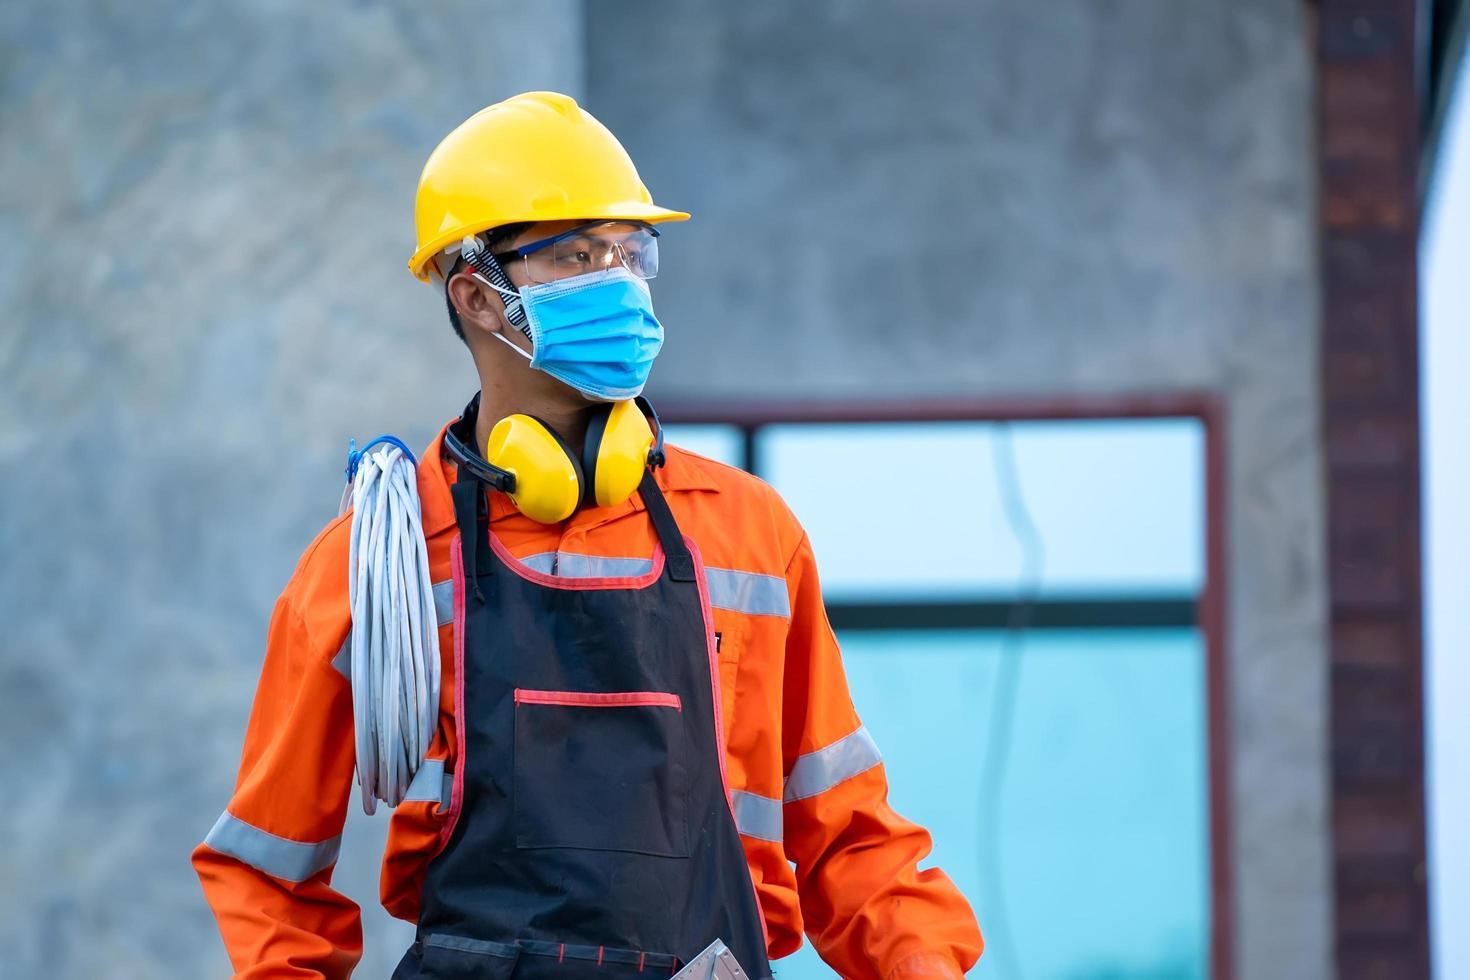 travailleur de la construction portant un équipement de sécurité photo